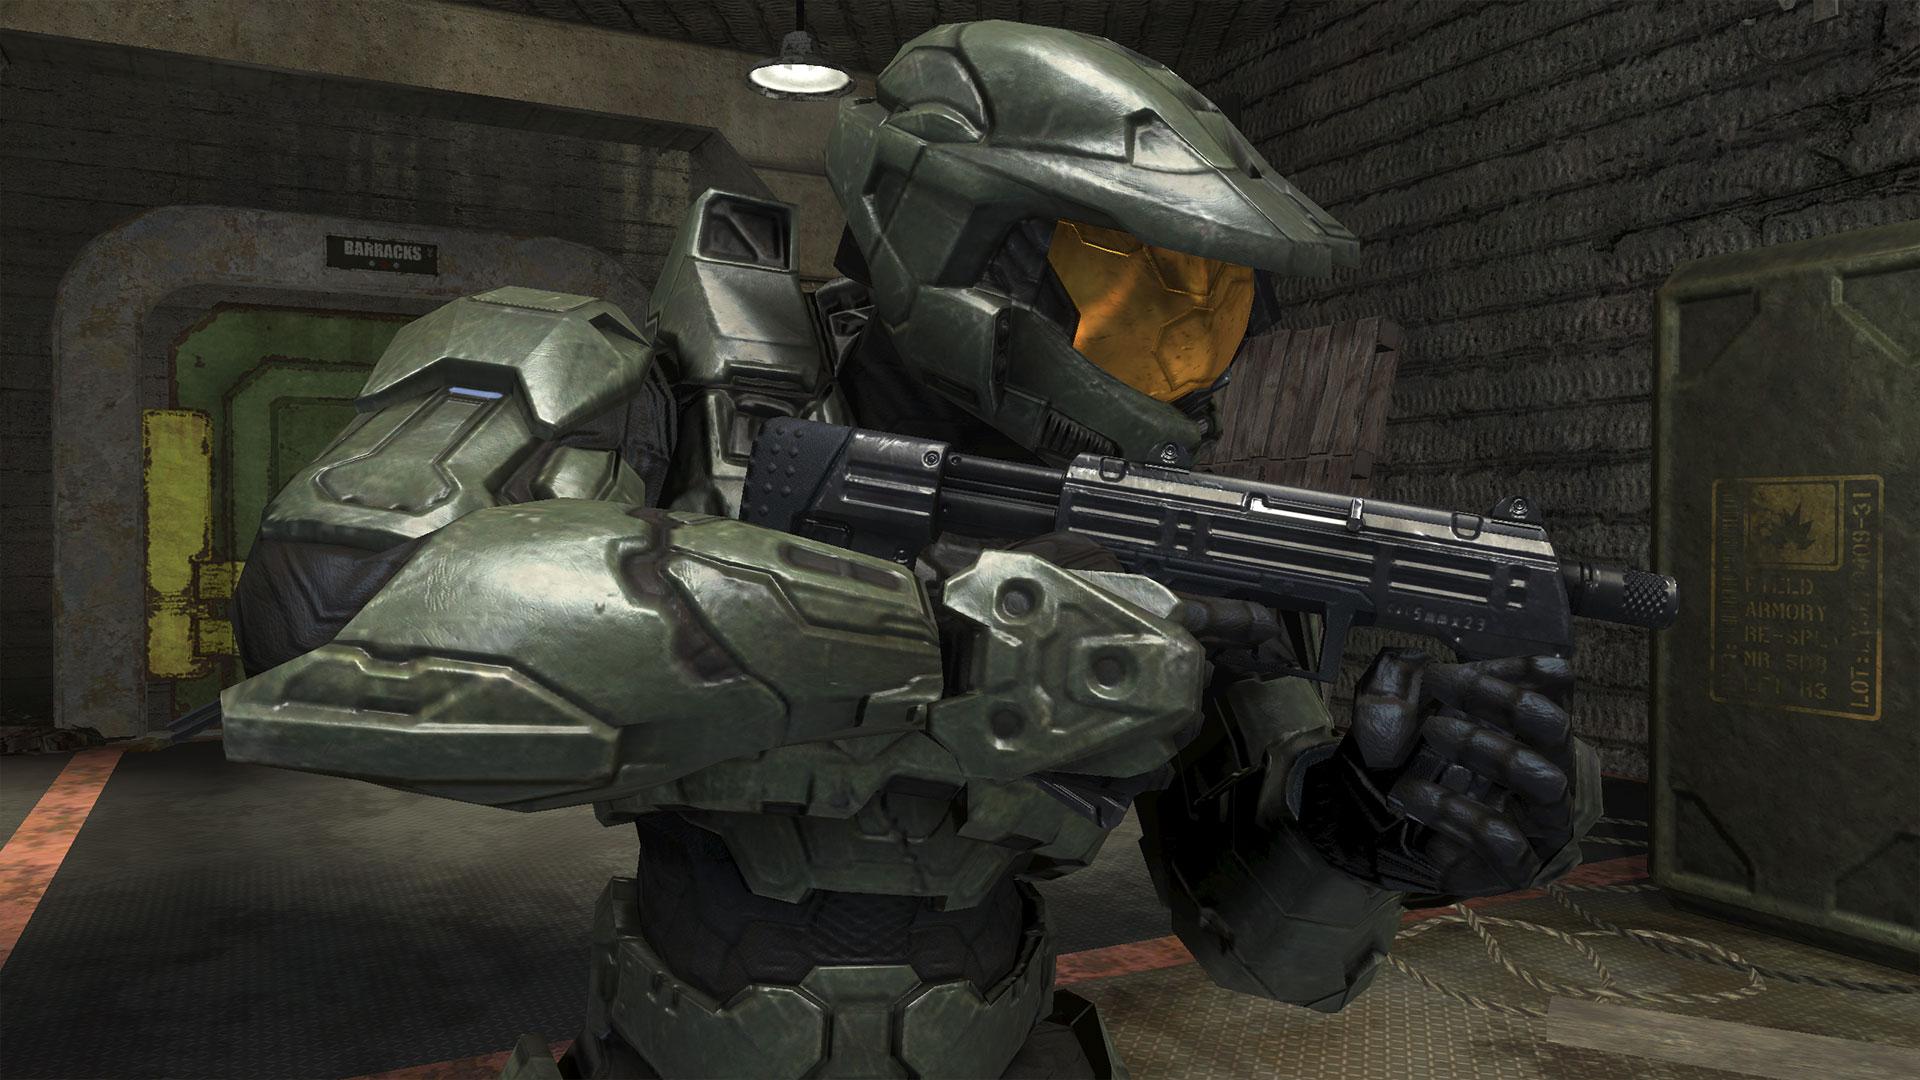 Halo 3 Bilgisayar Üzerinde Oynamak